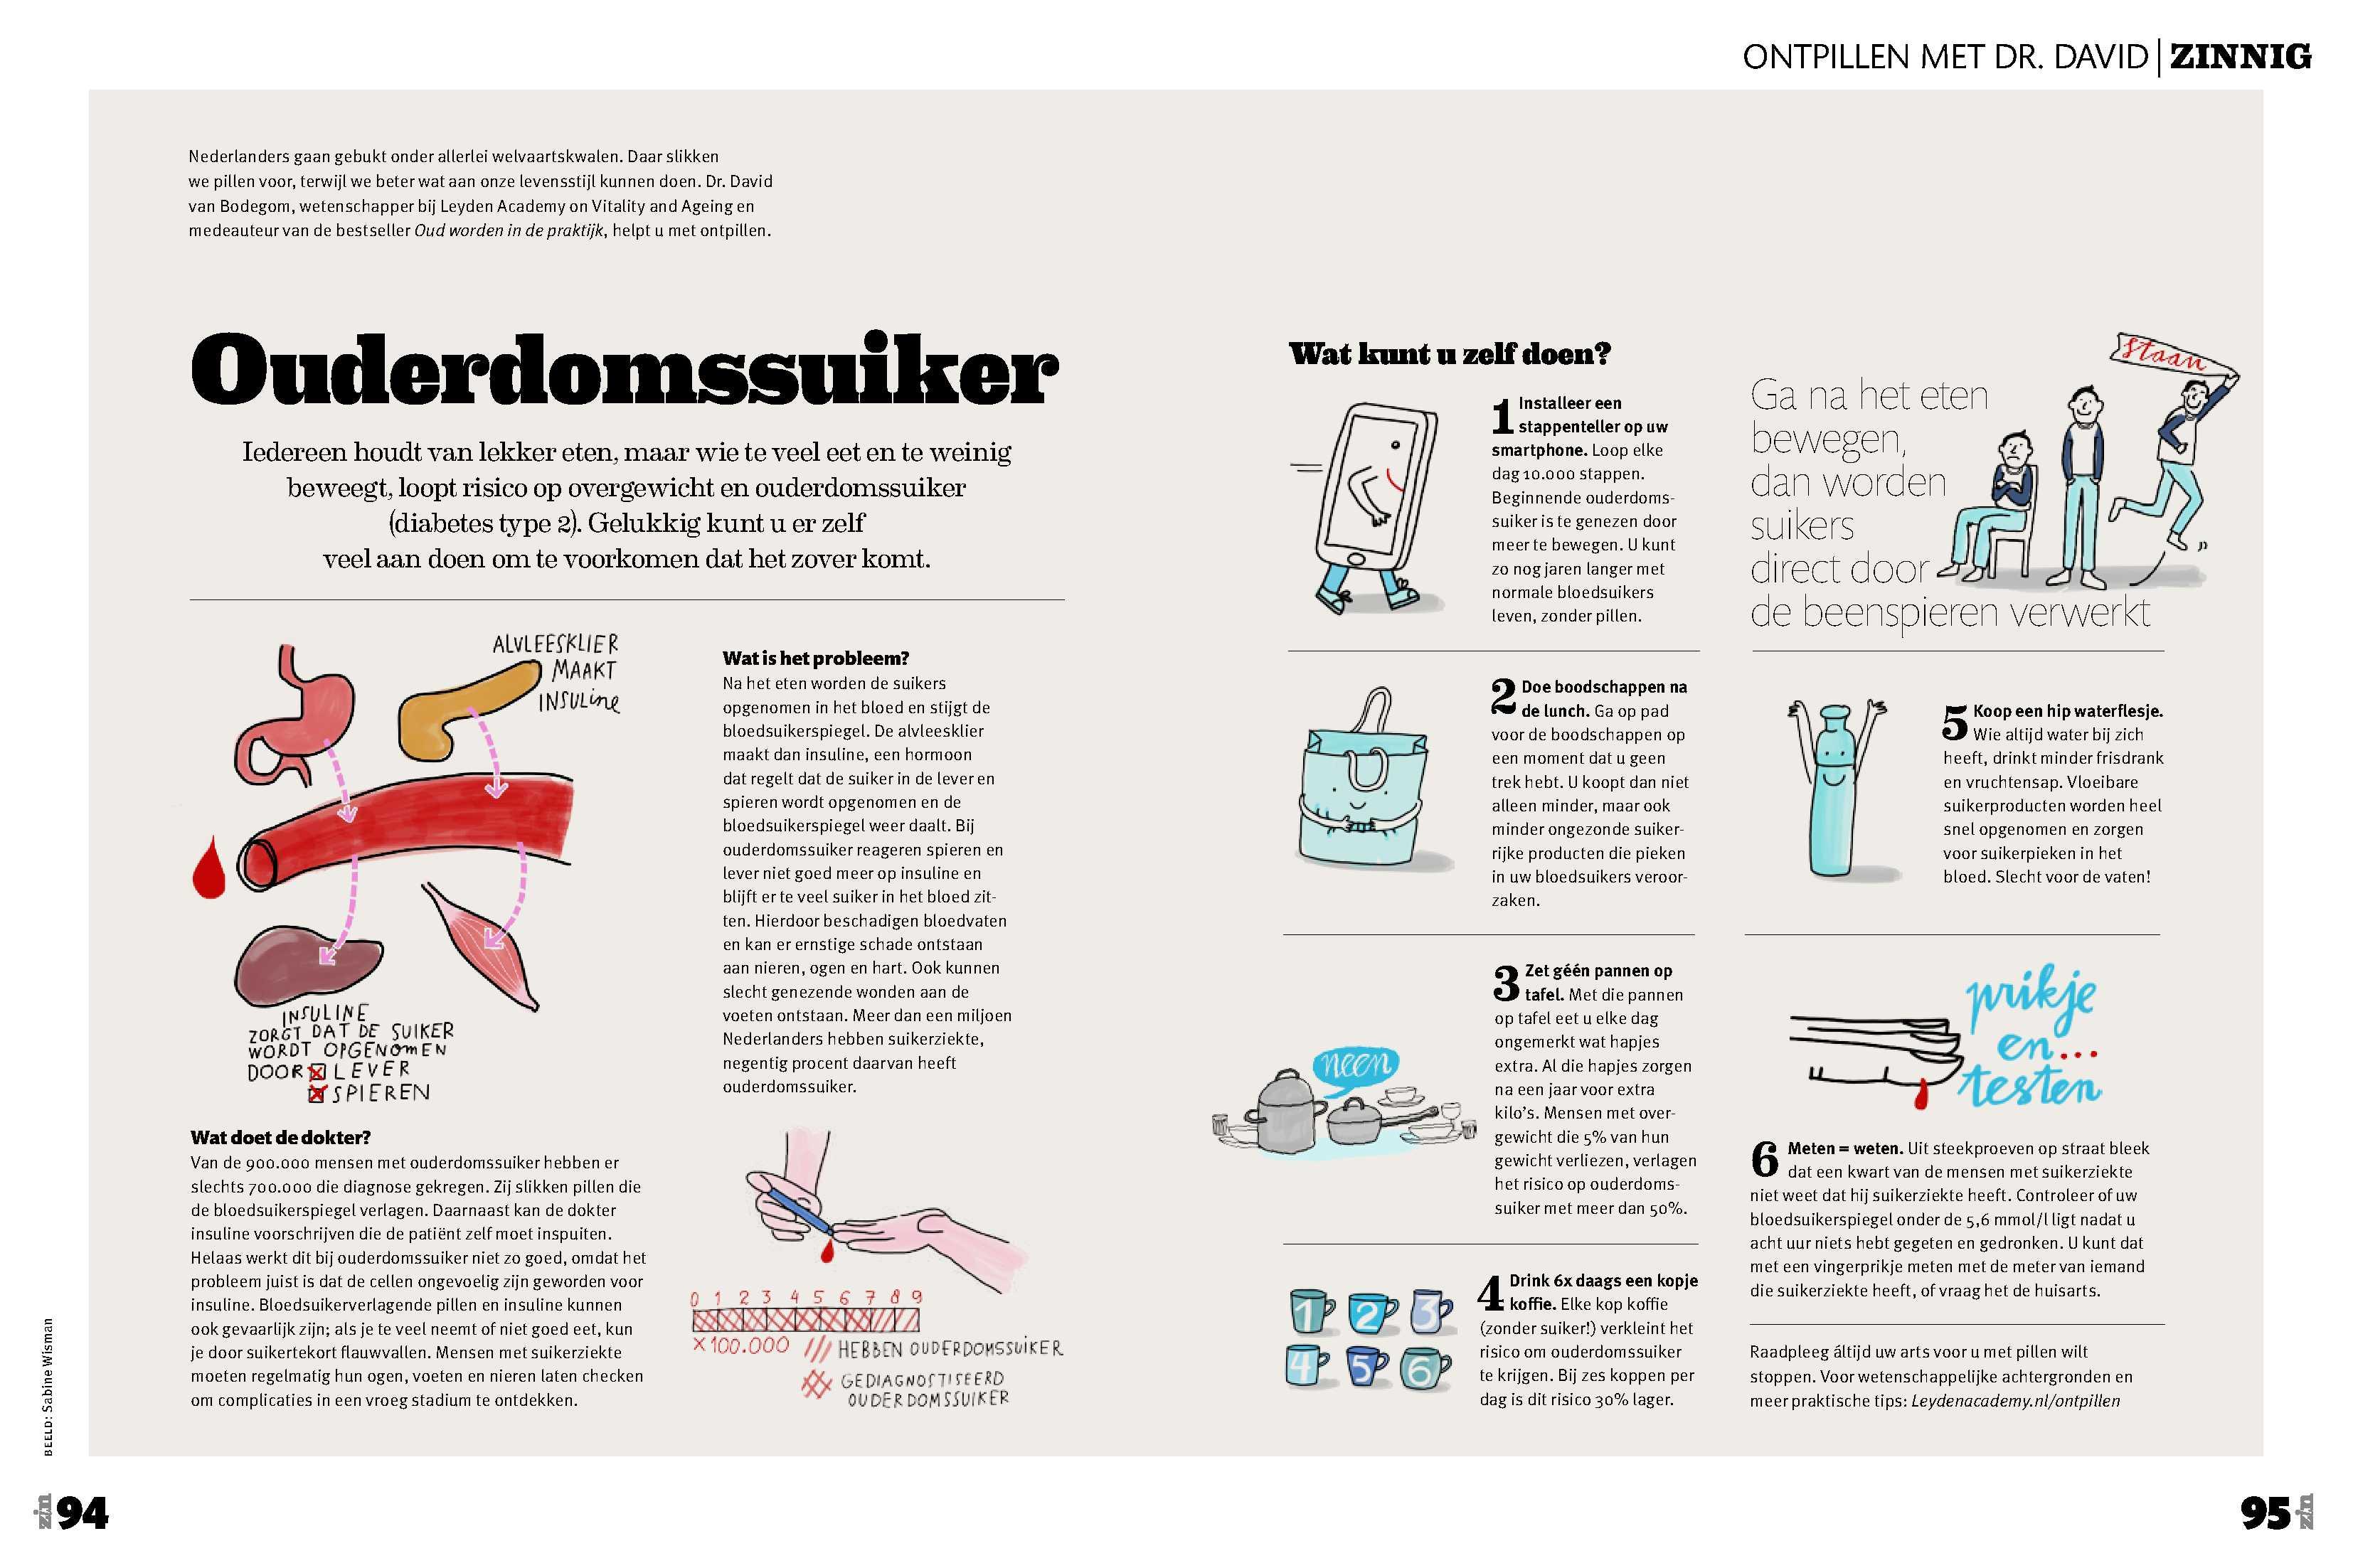 Voorkomen van diabetes mellitus en nederlandse bevolking